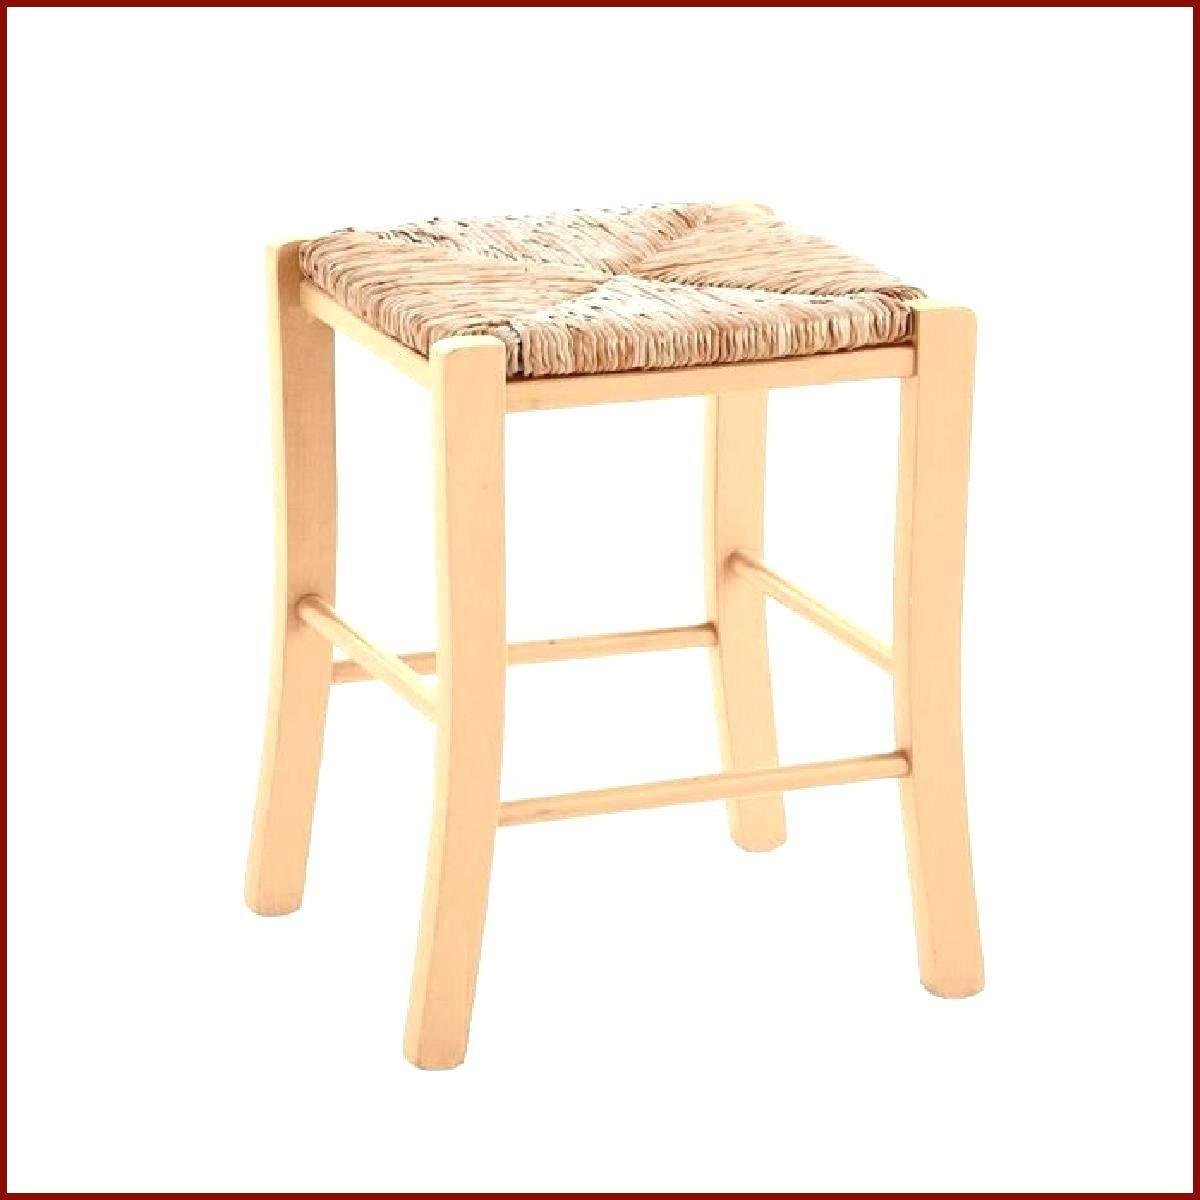 Lit En Bois Pliant Ikea Luxe Lit Pliable Ikea Luxe Table Pliable Ikea New Lit En Bois Pliant Ikea